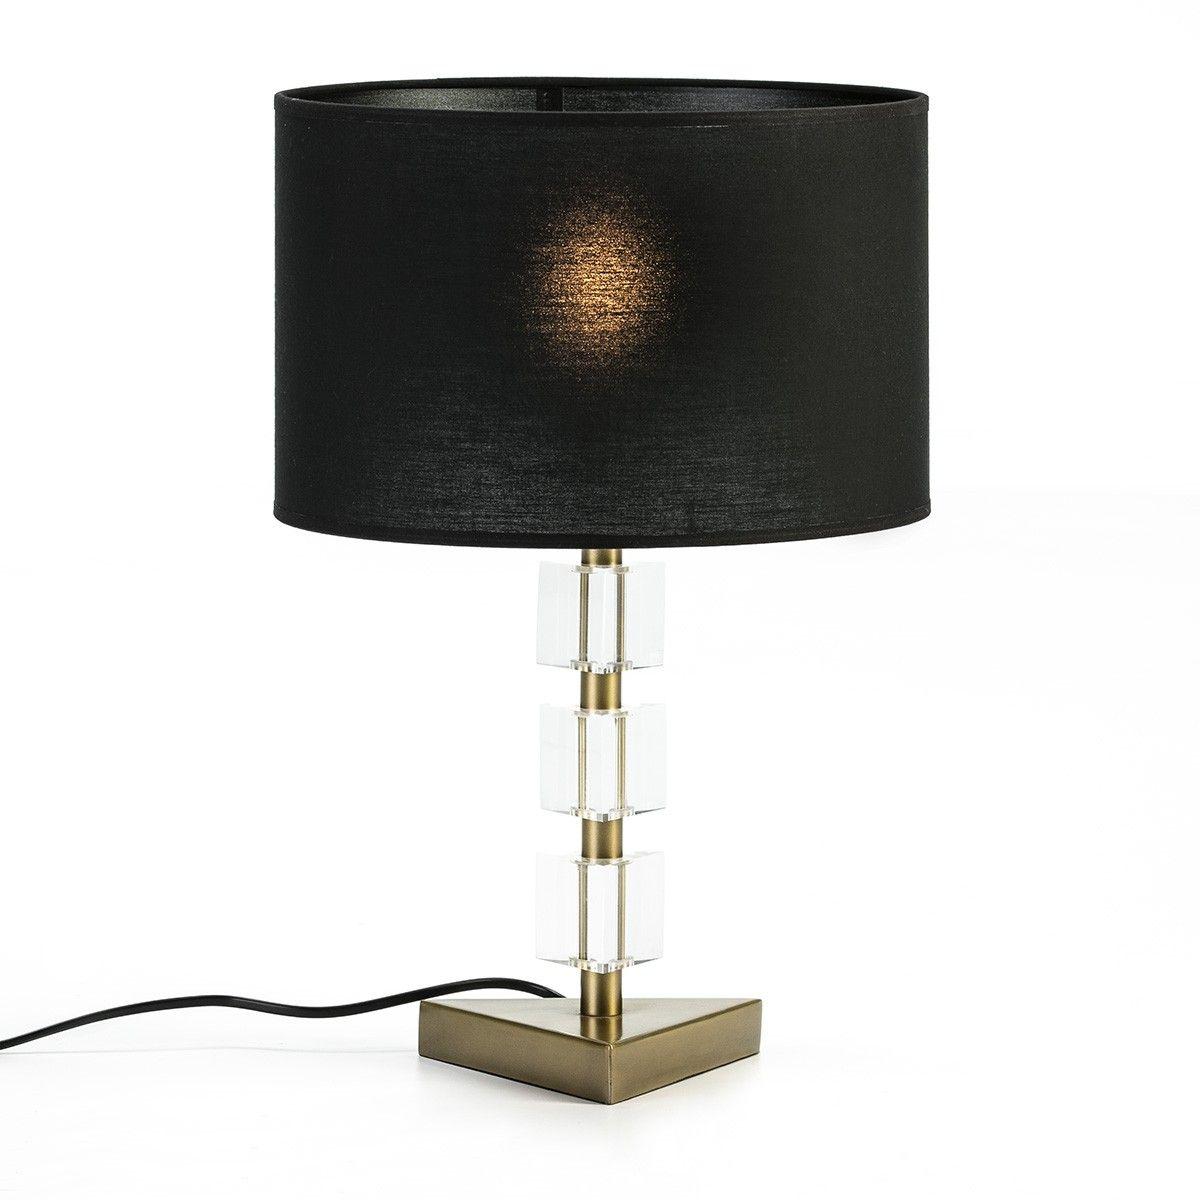 Thai Mobilier Pied De Lampe En Acrylique Et Metal Dore Vego H 30 Cm Lestendances Fr En 2020 Lampe Sur Pied Lampe Acrylique